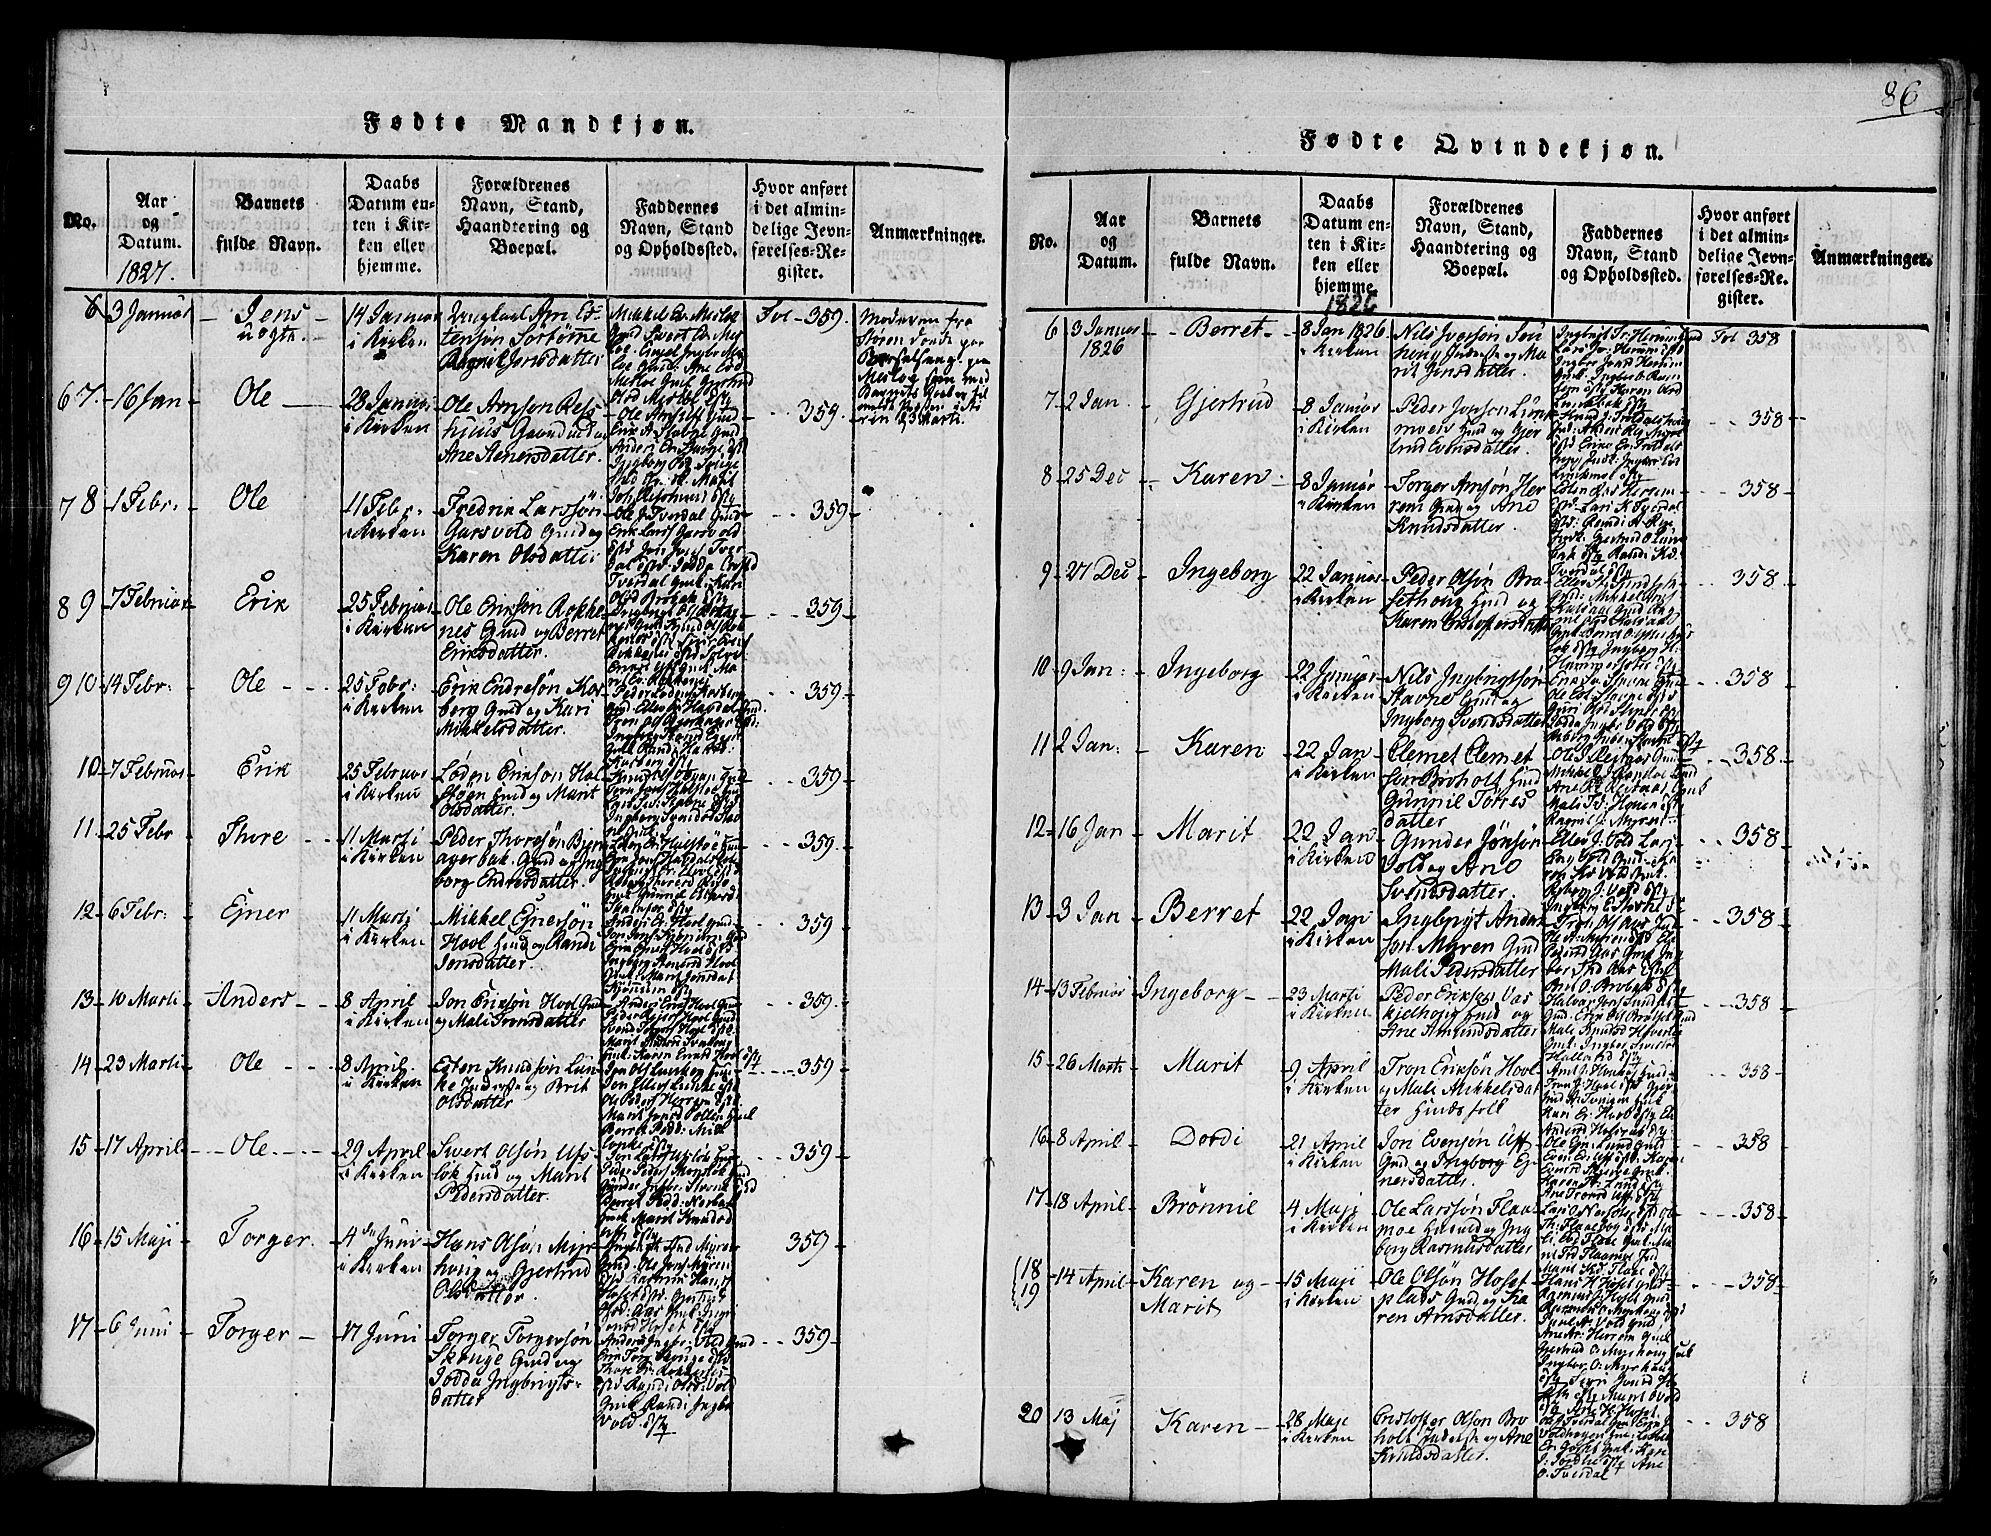 SAT, Ministerialprotokoller, klokkerbøker og fødselsregistre - Sør-Trøndelag, 672/L0854: Ministerialbok nr. 672A06 /2, 1816-1829, s. 86